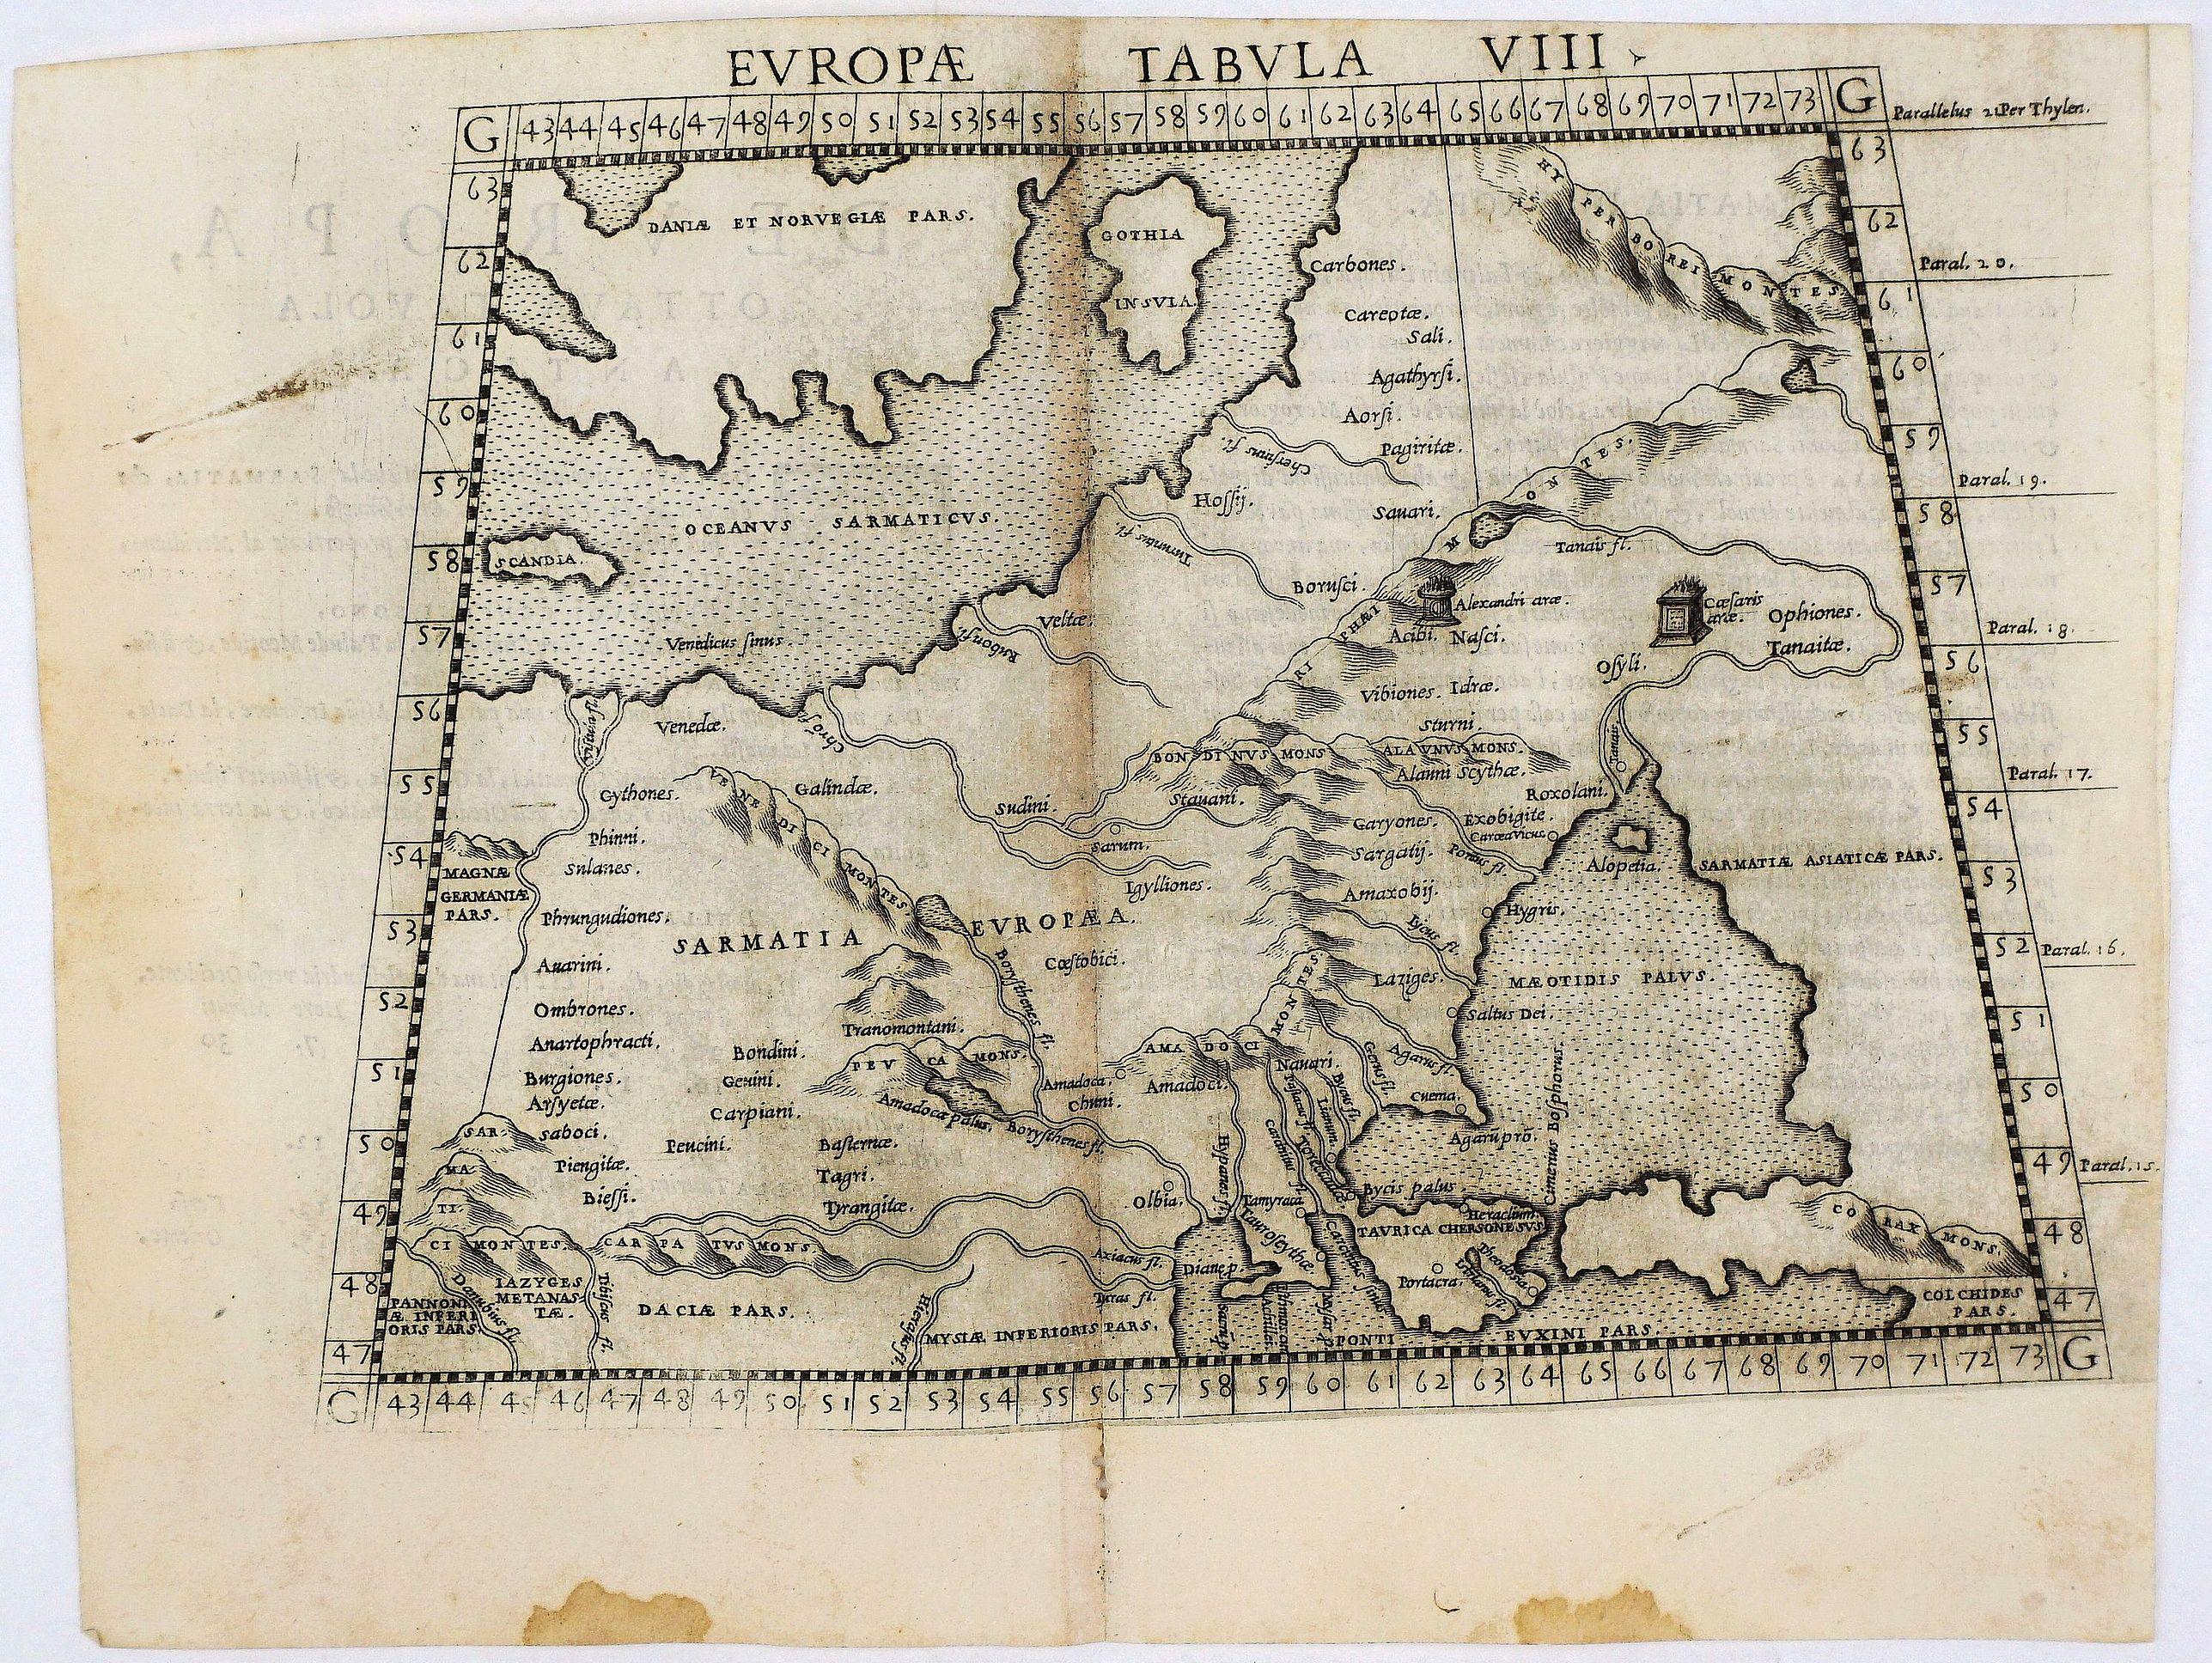 RUSCELLI, G. - Europae Tabula VIII.